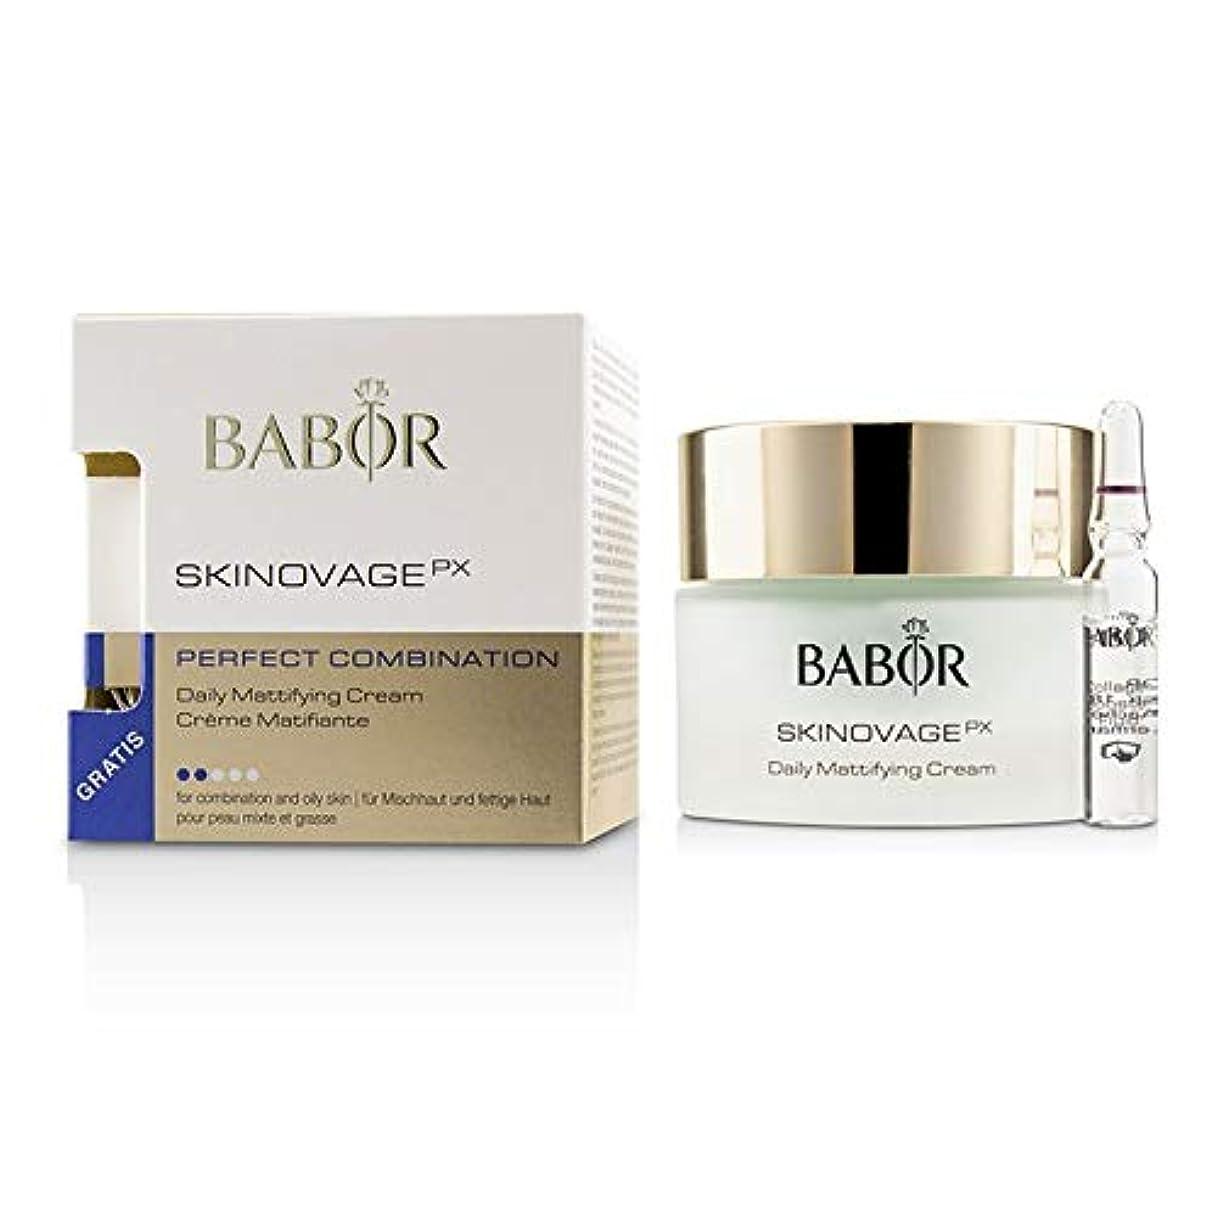 うまくいけば大騒ぎ目の前のバボール Skinovage PX Perfect Combination Daily Mattifying Cream (with Free Collagen Booster Fluid 2ml) - For Combination...